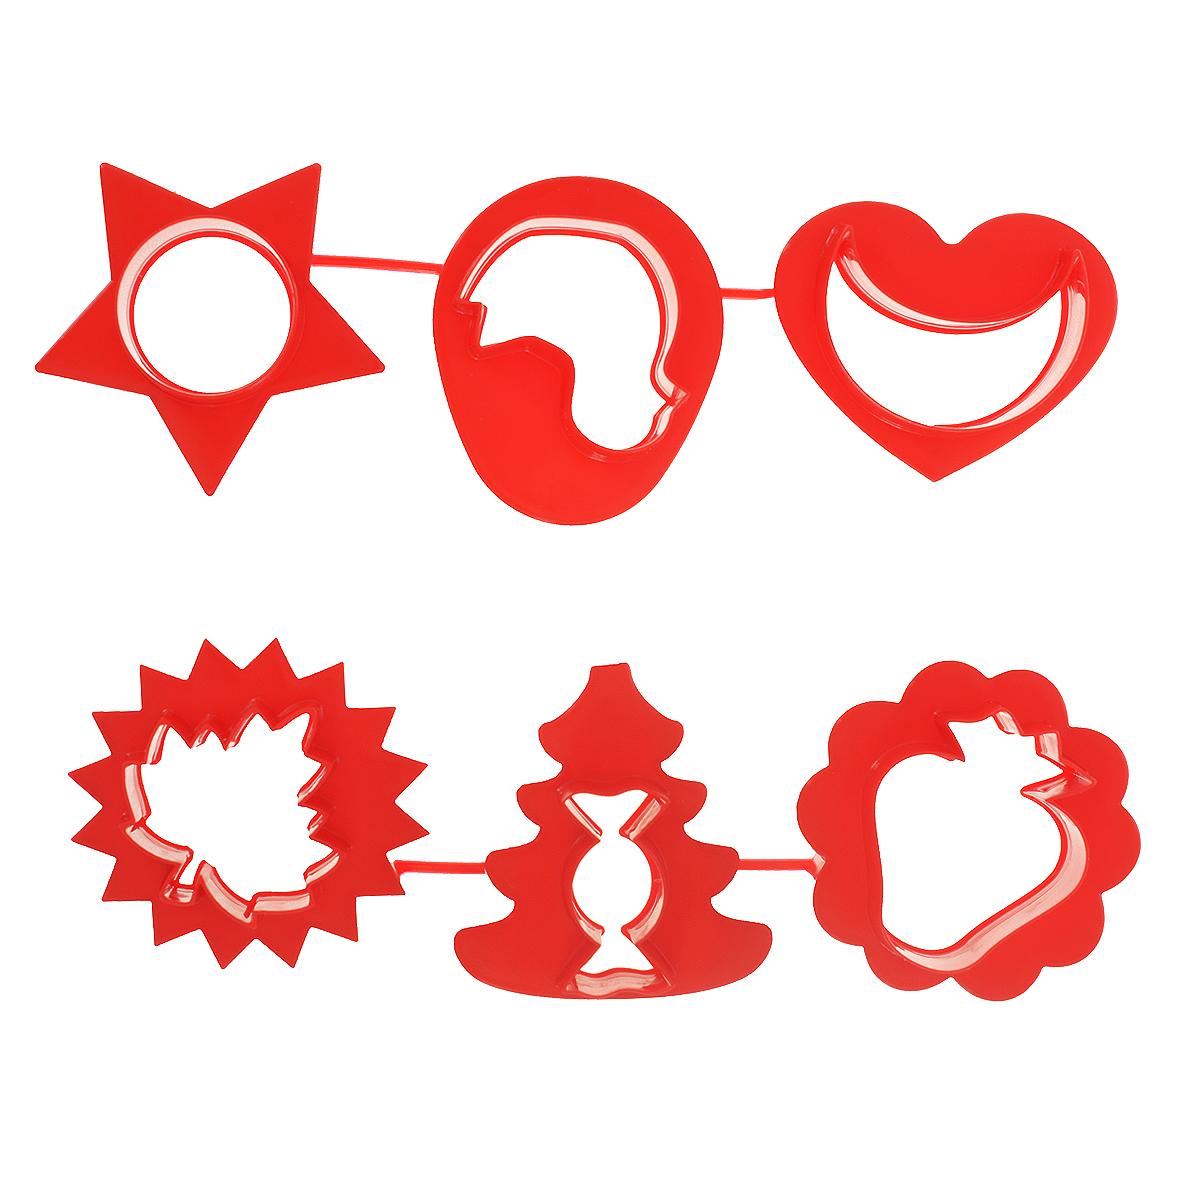 Формочки для лепки и моделирования Луч, цвет: красный, 6 шт22С 1420-08 красныйФормочки для лепки и моделирования Луч предназначены для моделирования и лепки из пластилина, мягкого воска, глины. При производстве формочек использованы полимеры, для которых разрешен контакт с пищевыми продуктами, поэтому их можно использовать так же в кулинарии.С помощью таких формочек вы легко создадите объемные фигуры.